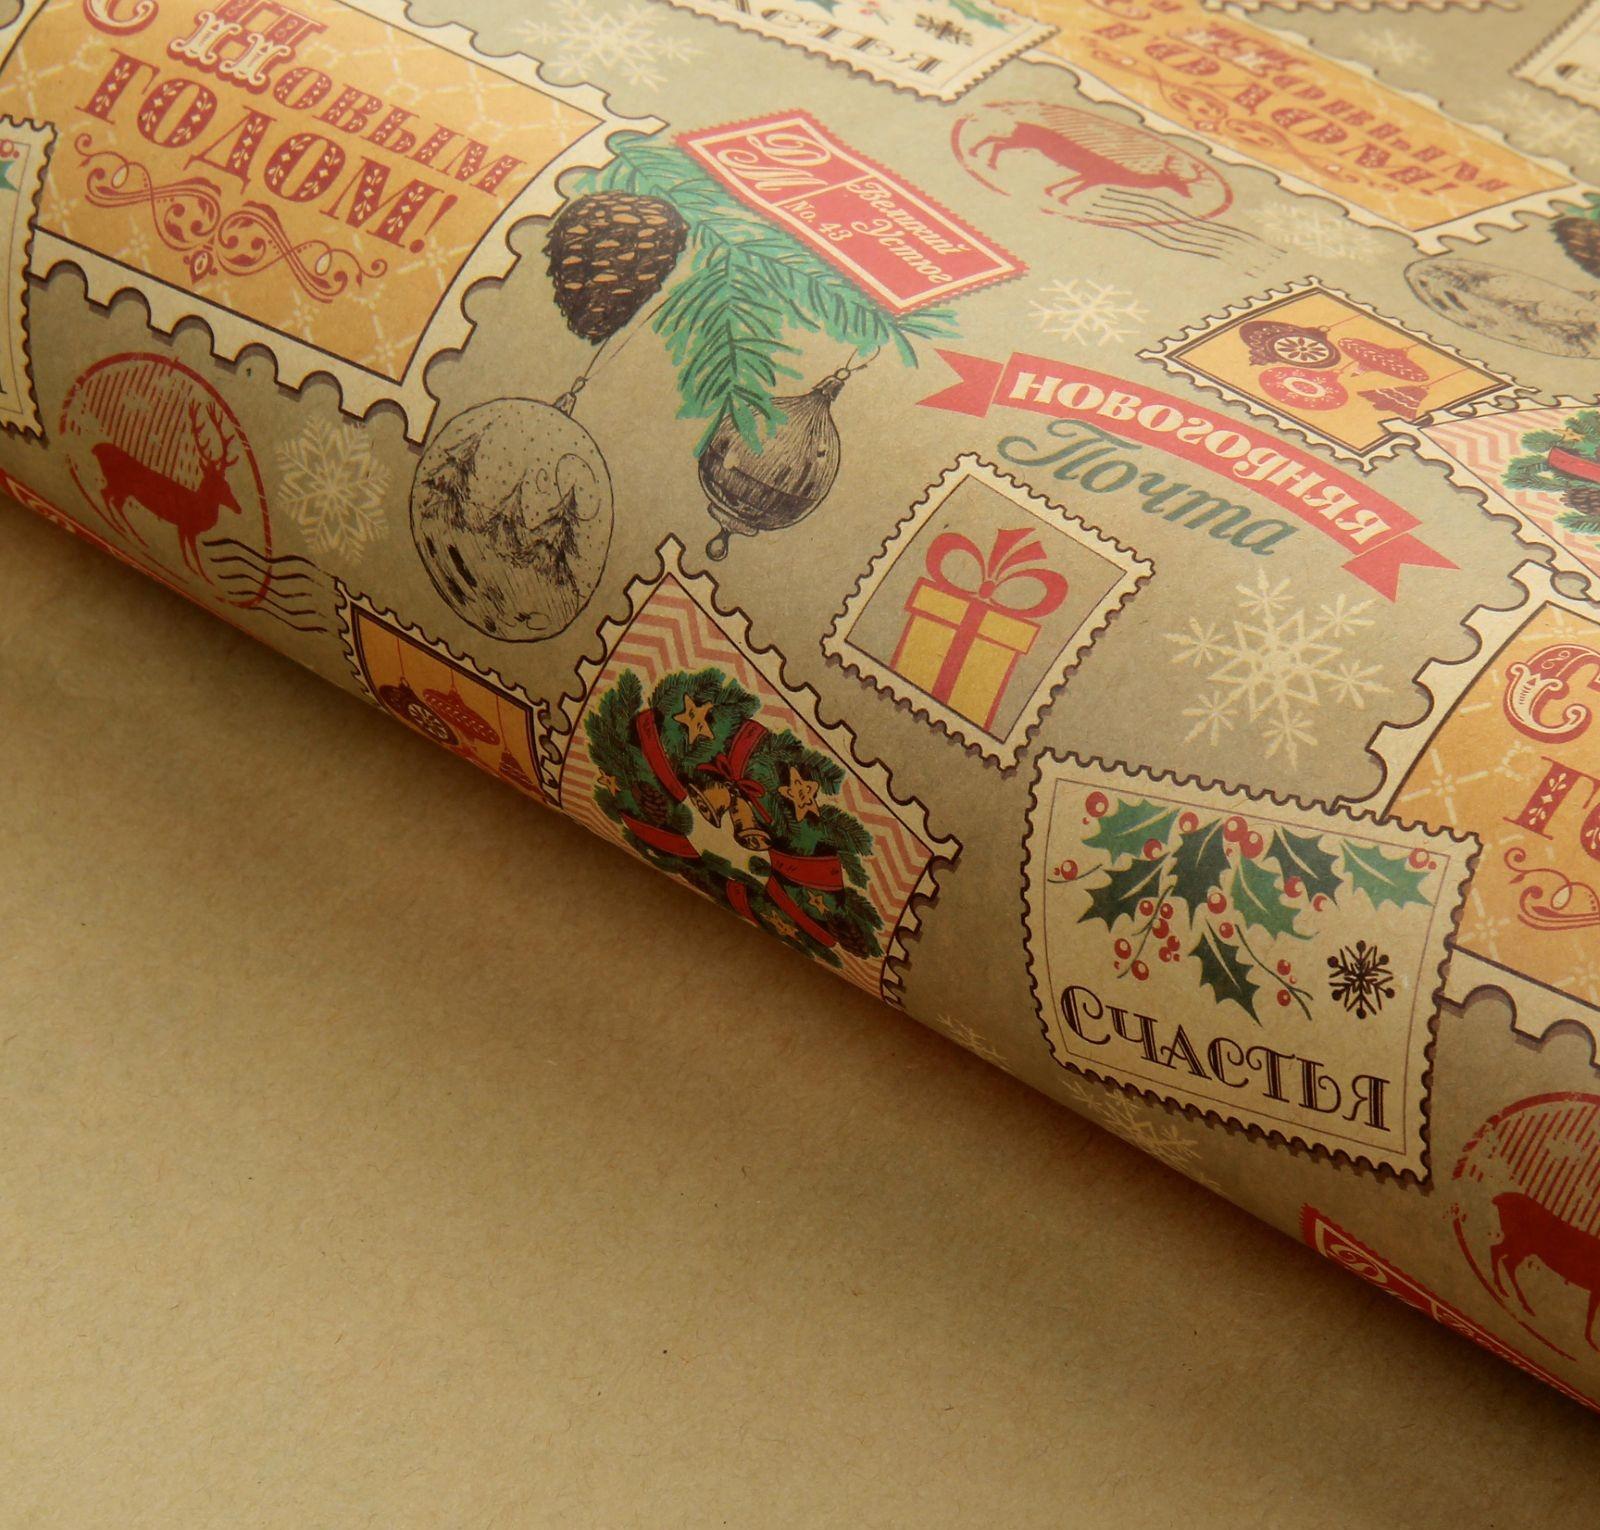 Для чего крафт бумага – что делать когда нет крафт-бумаги? сделать самим! / упаковка подарков / вторая улица - теплоизоляция сооружений